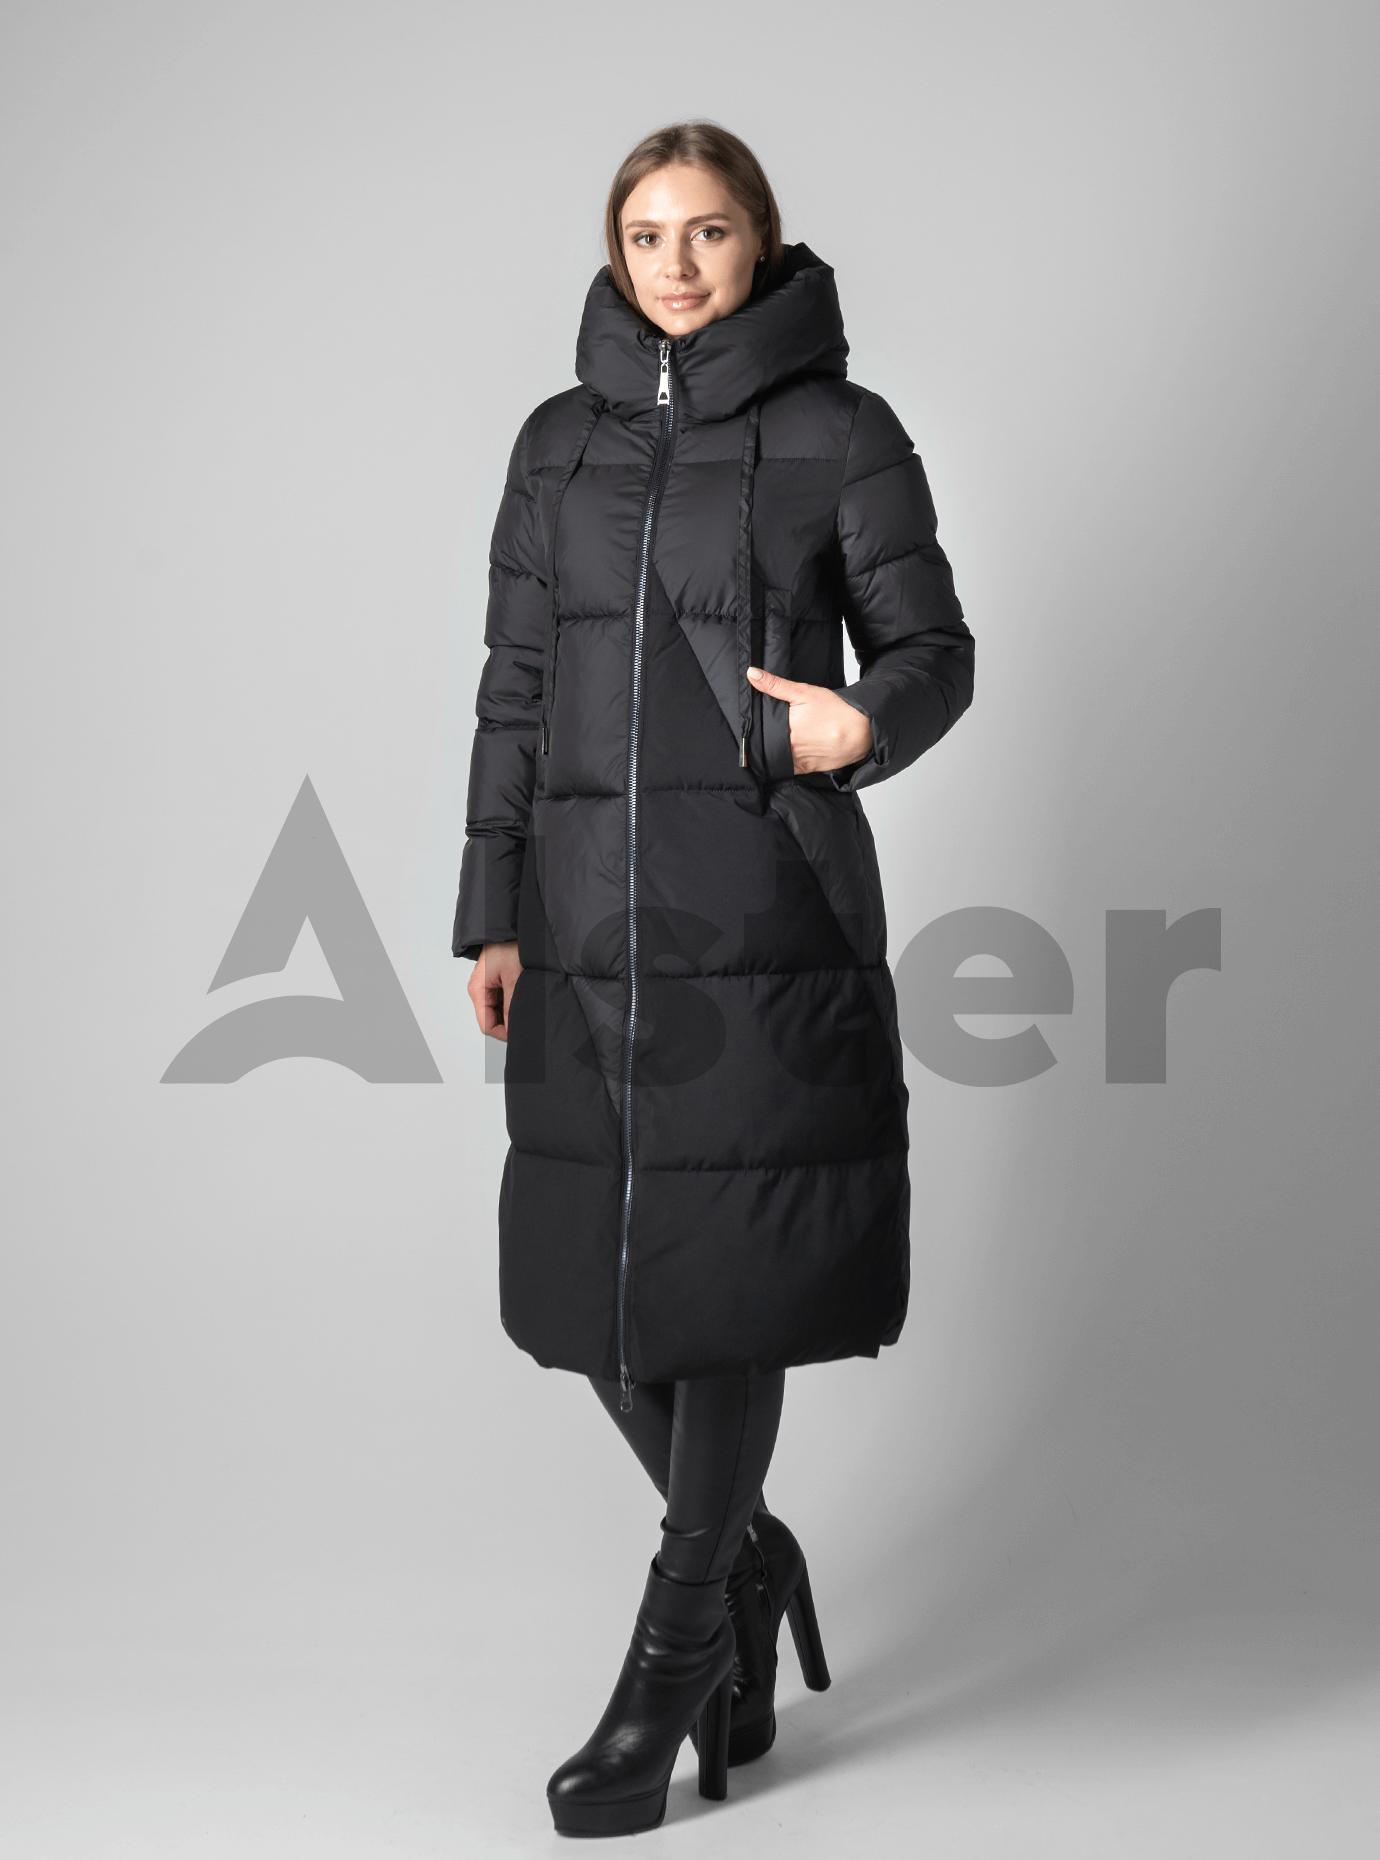 Классическая зимняя женская куртка Чёрный 2XL (02-190219): фото - Alster.ua